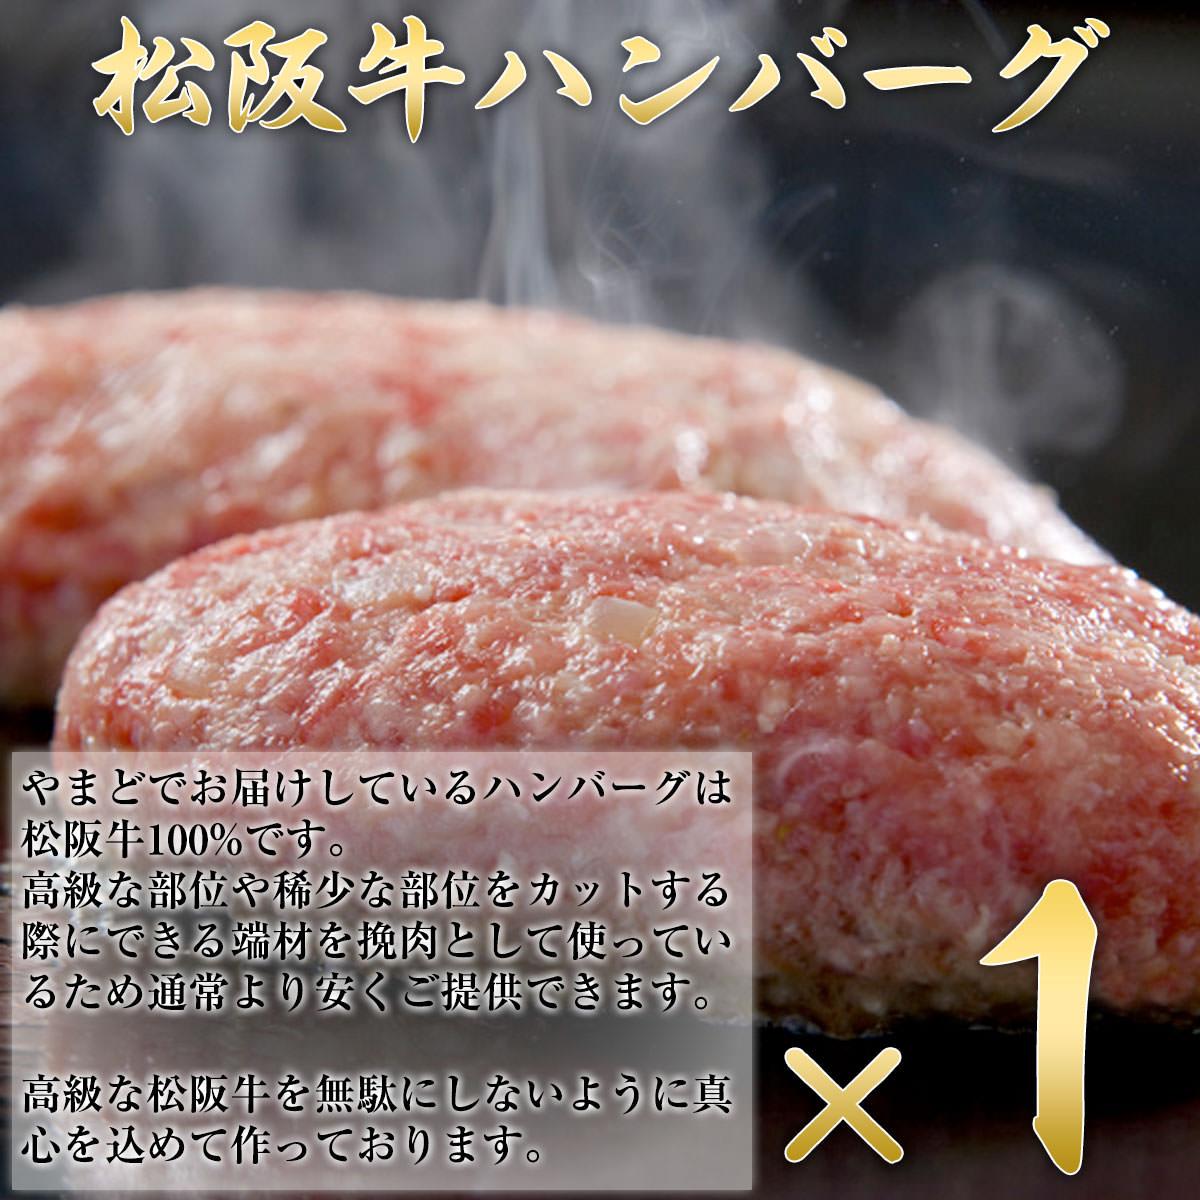 松阪牛グルメギフトセットA